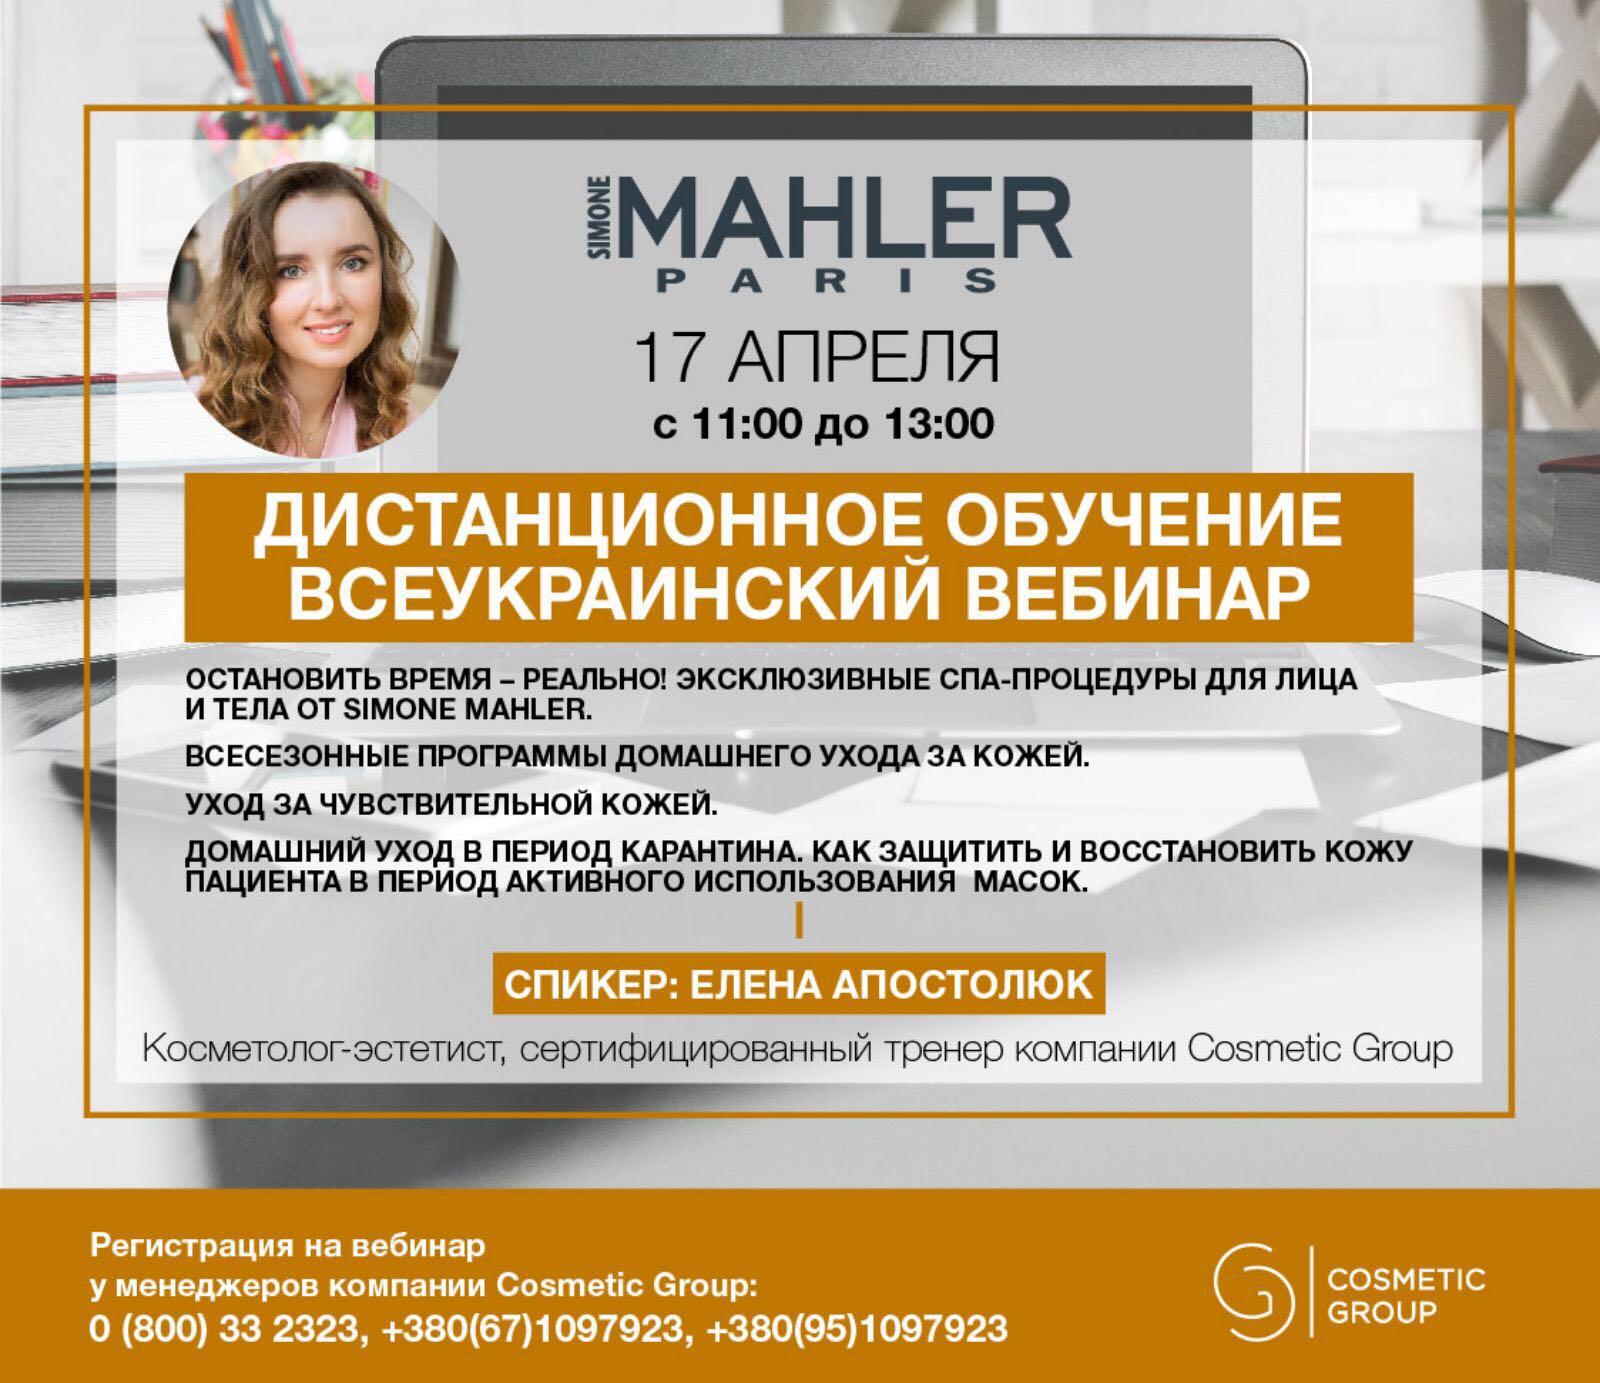 Эксклюзивные СПА-процедуры для лица и тела Simone MAHLER. ВЕБИНАР